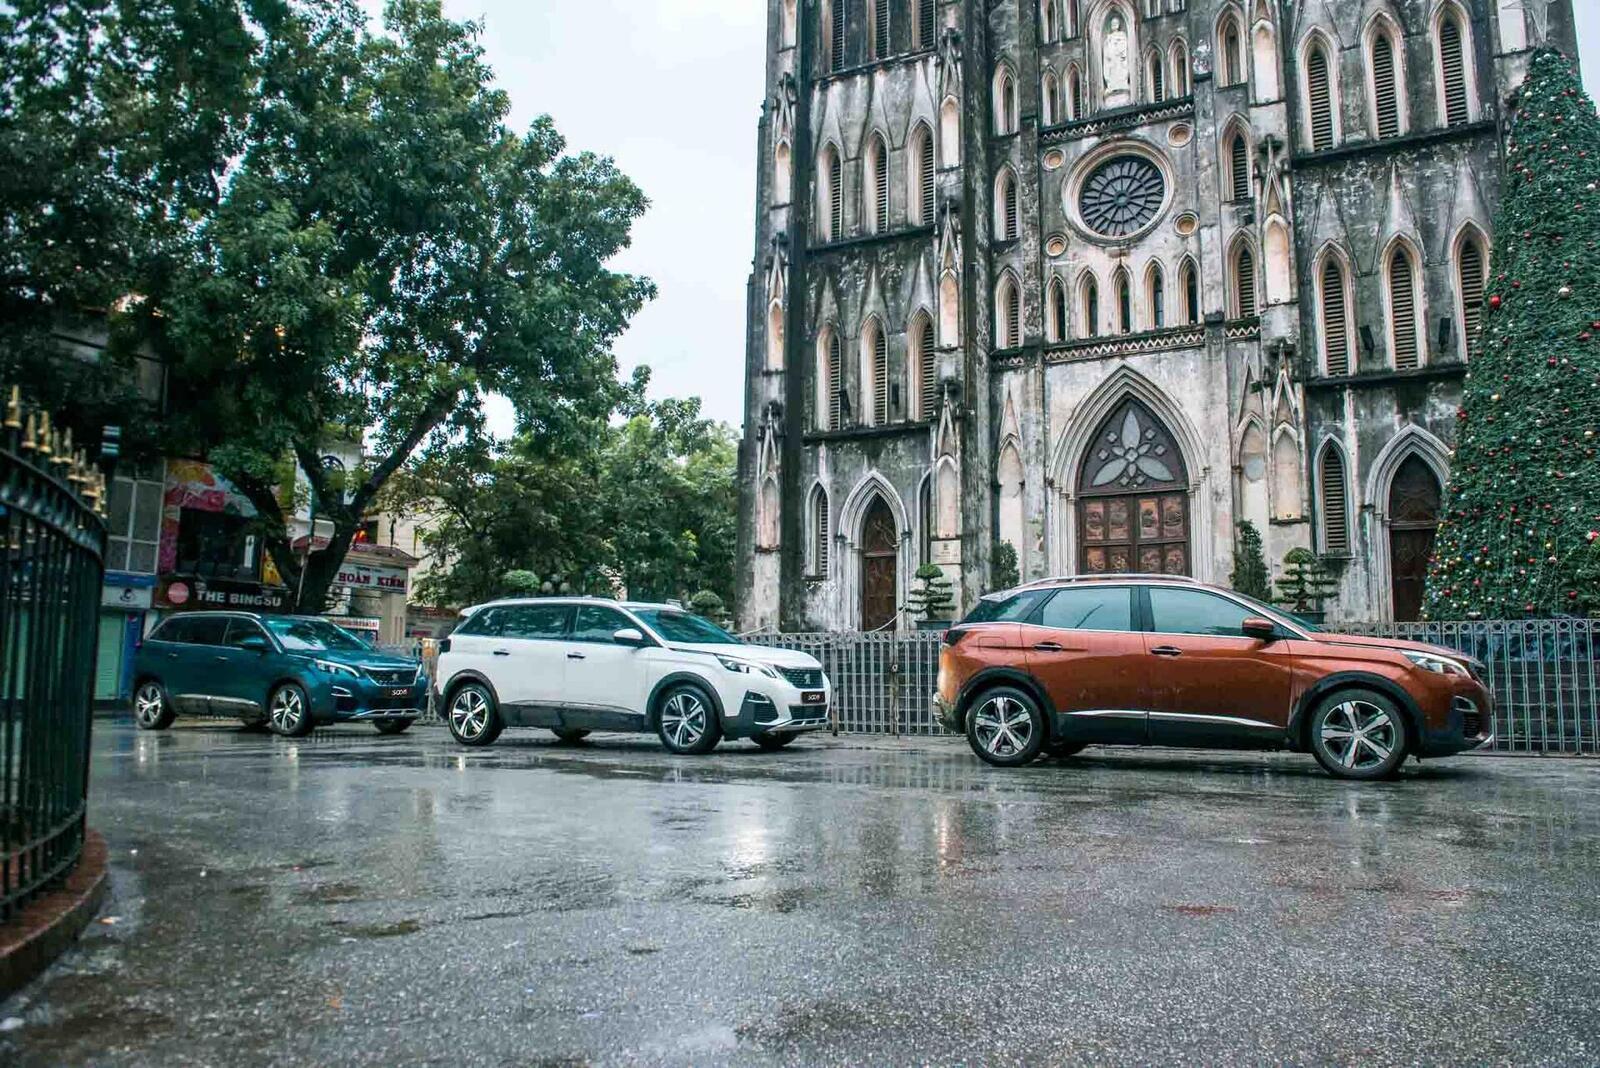 Doanh số tăng trưởng vượt bậc, Peugeot tiếp tục đẩy mạnh ưu đãi dịch vụ hậu mãi - Hình 5